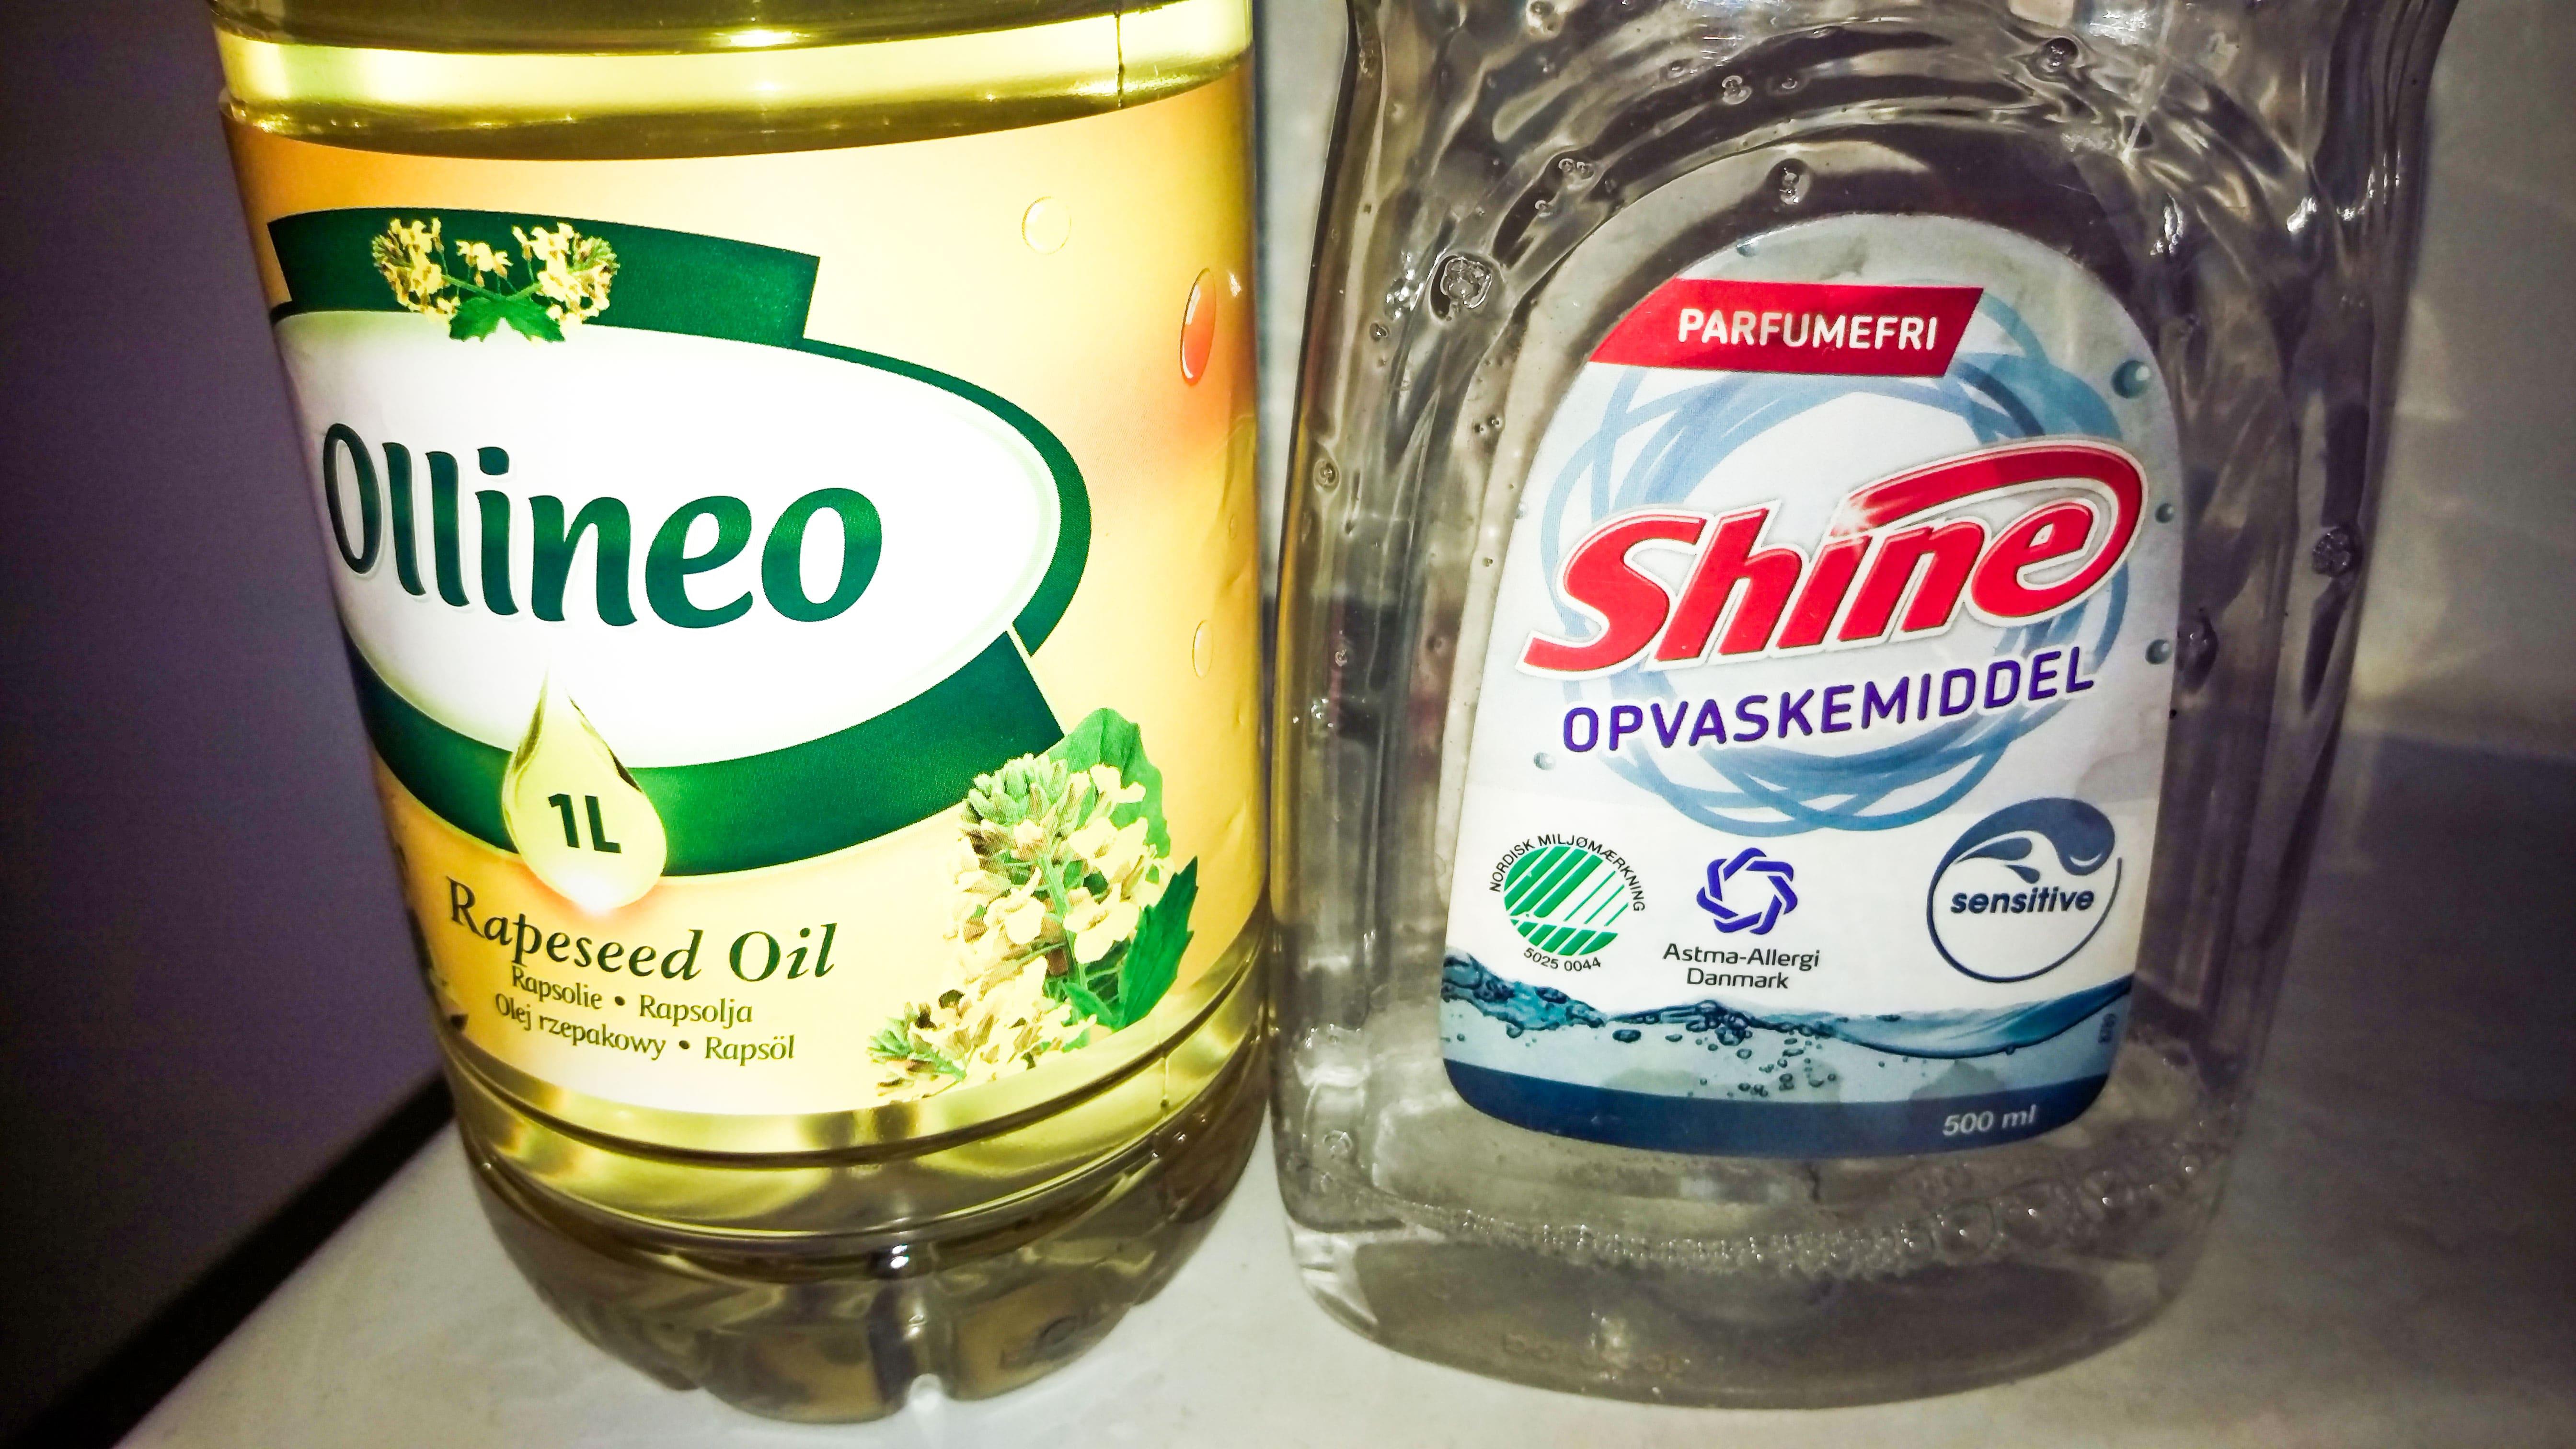 Rengøring af børste billede 3 sæbe og olie